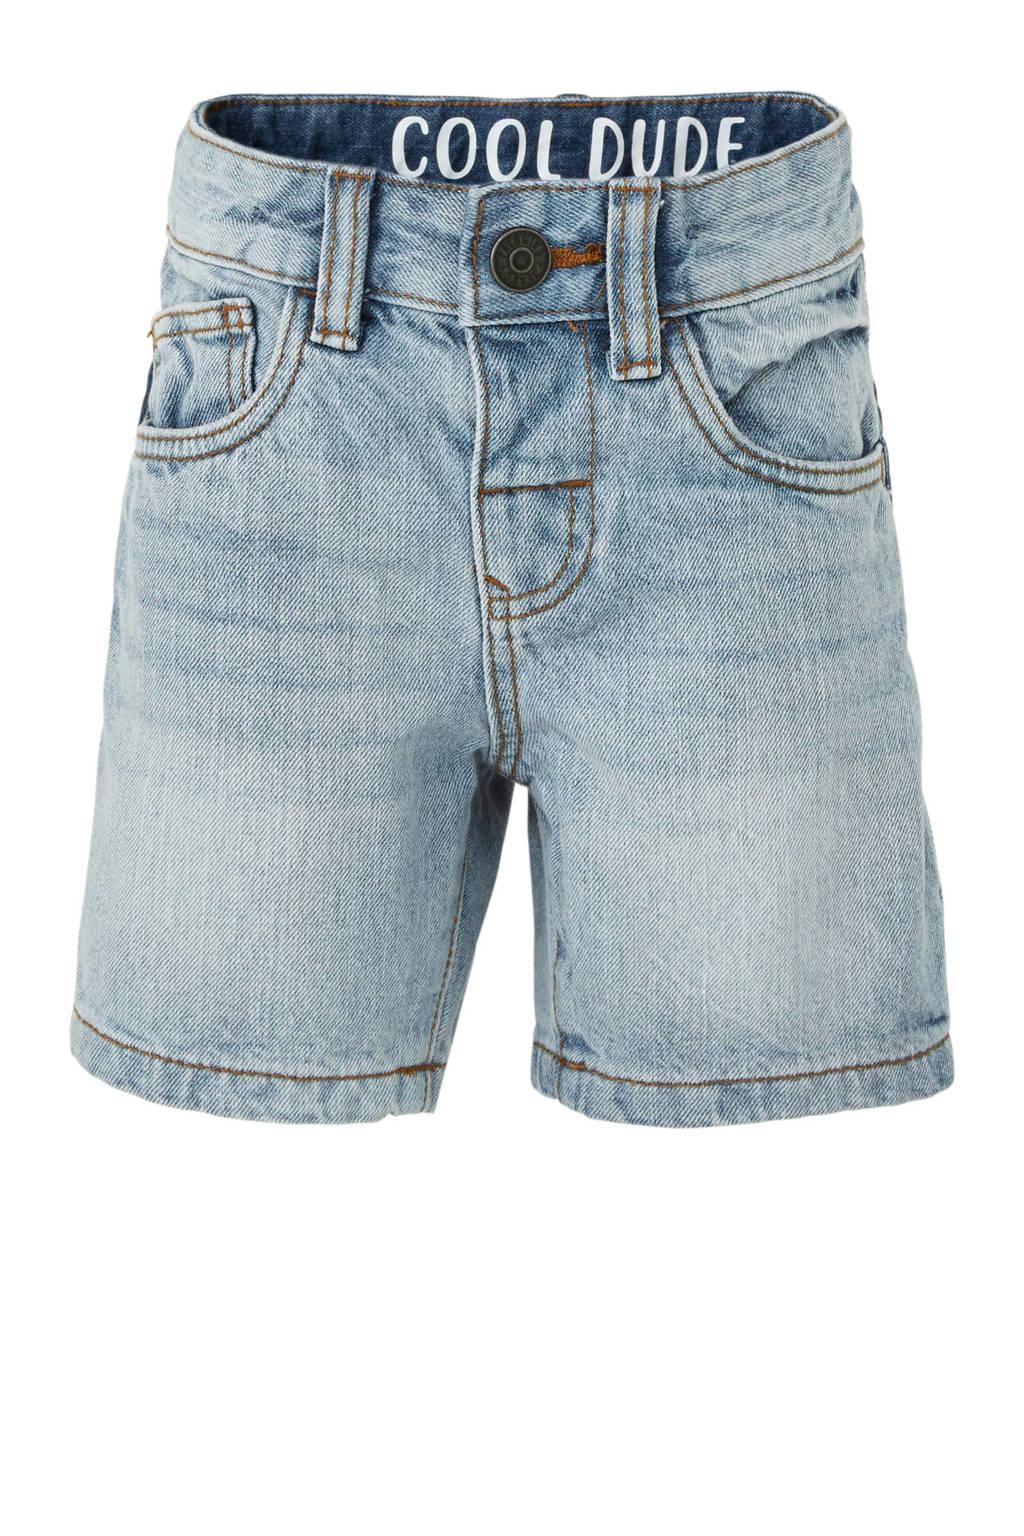 C&A Palomino jeans bermuda met zijstreep, Light denim